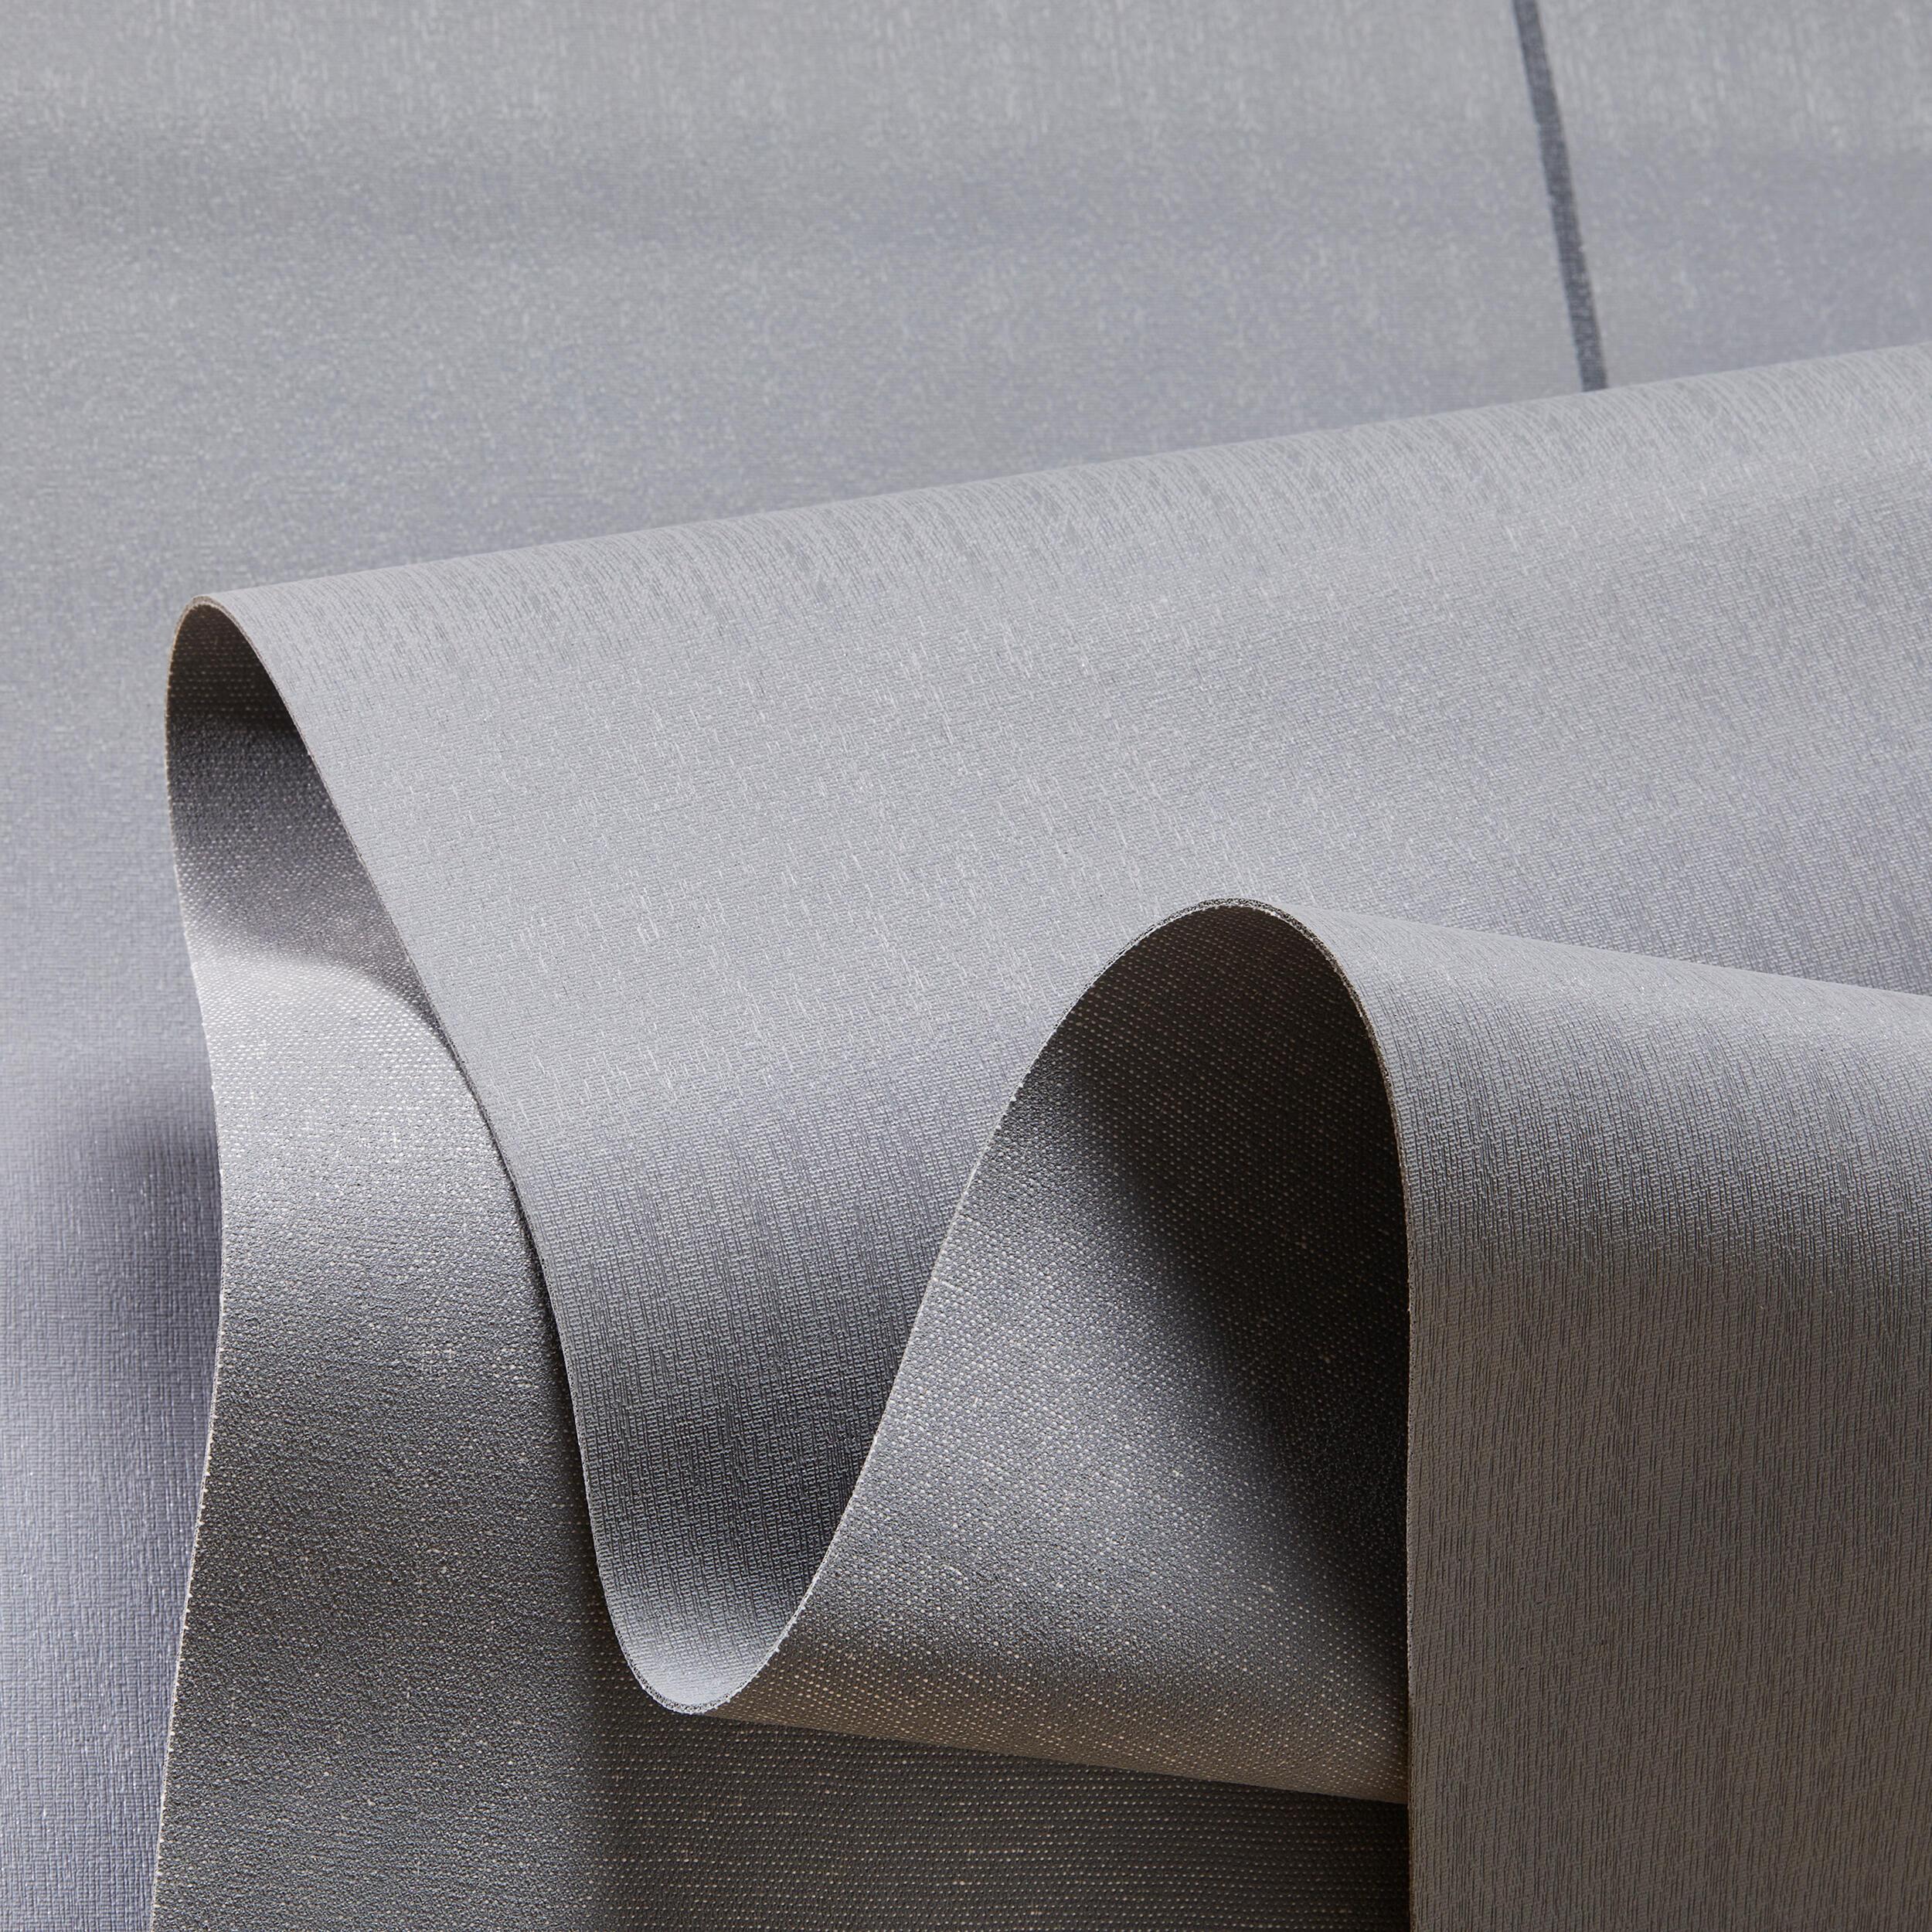 tapis sur tapis yoga voyage 1 5 mm